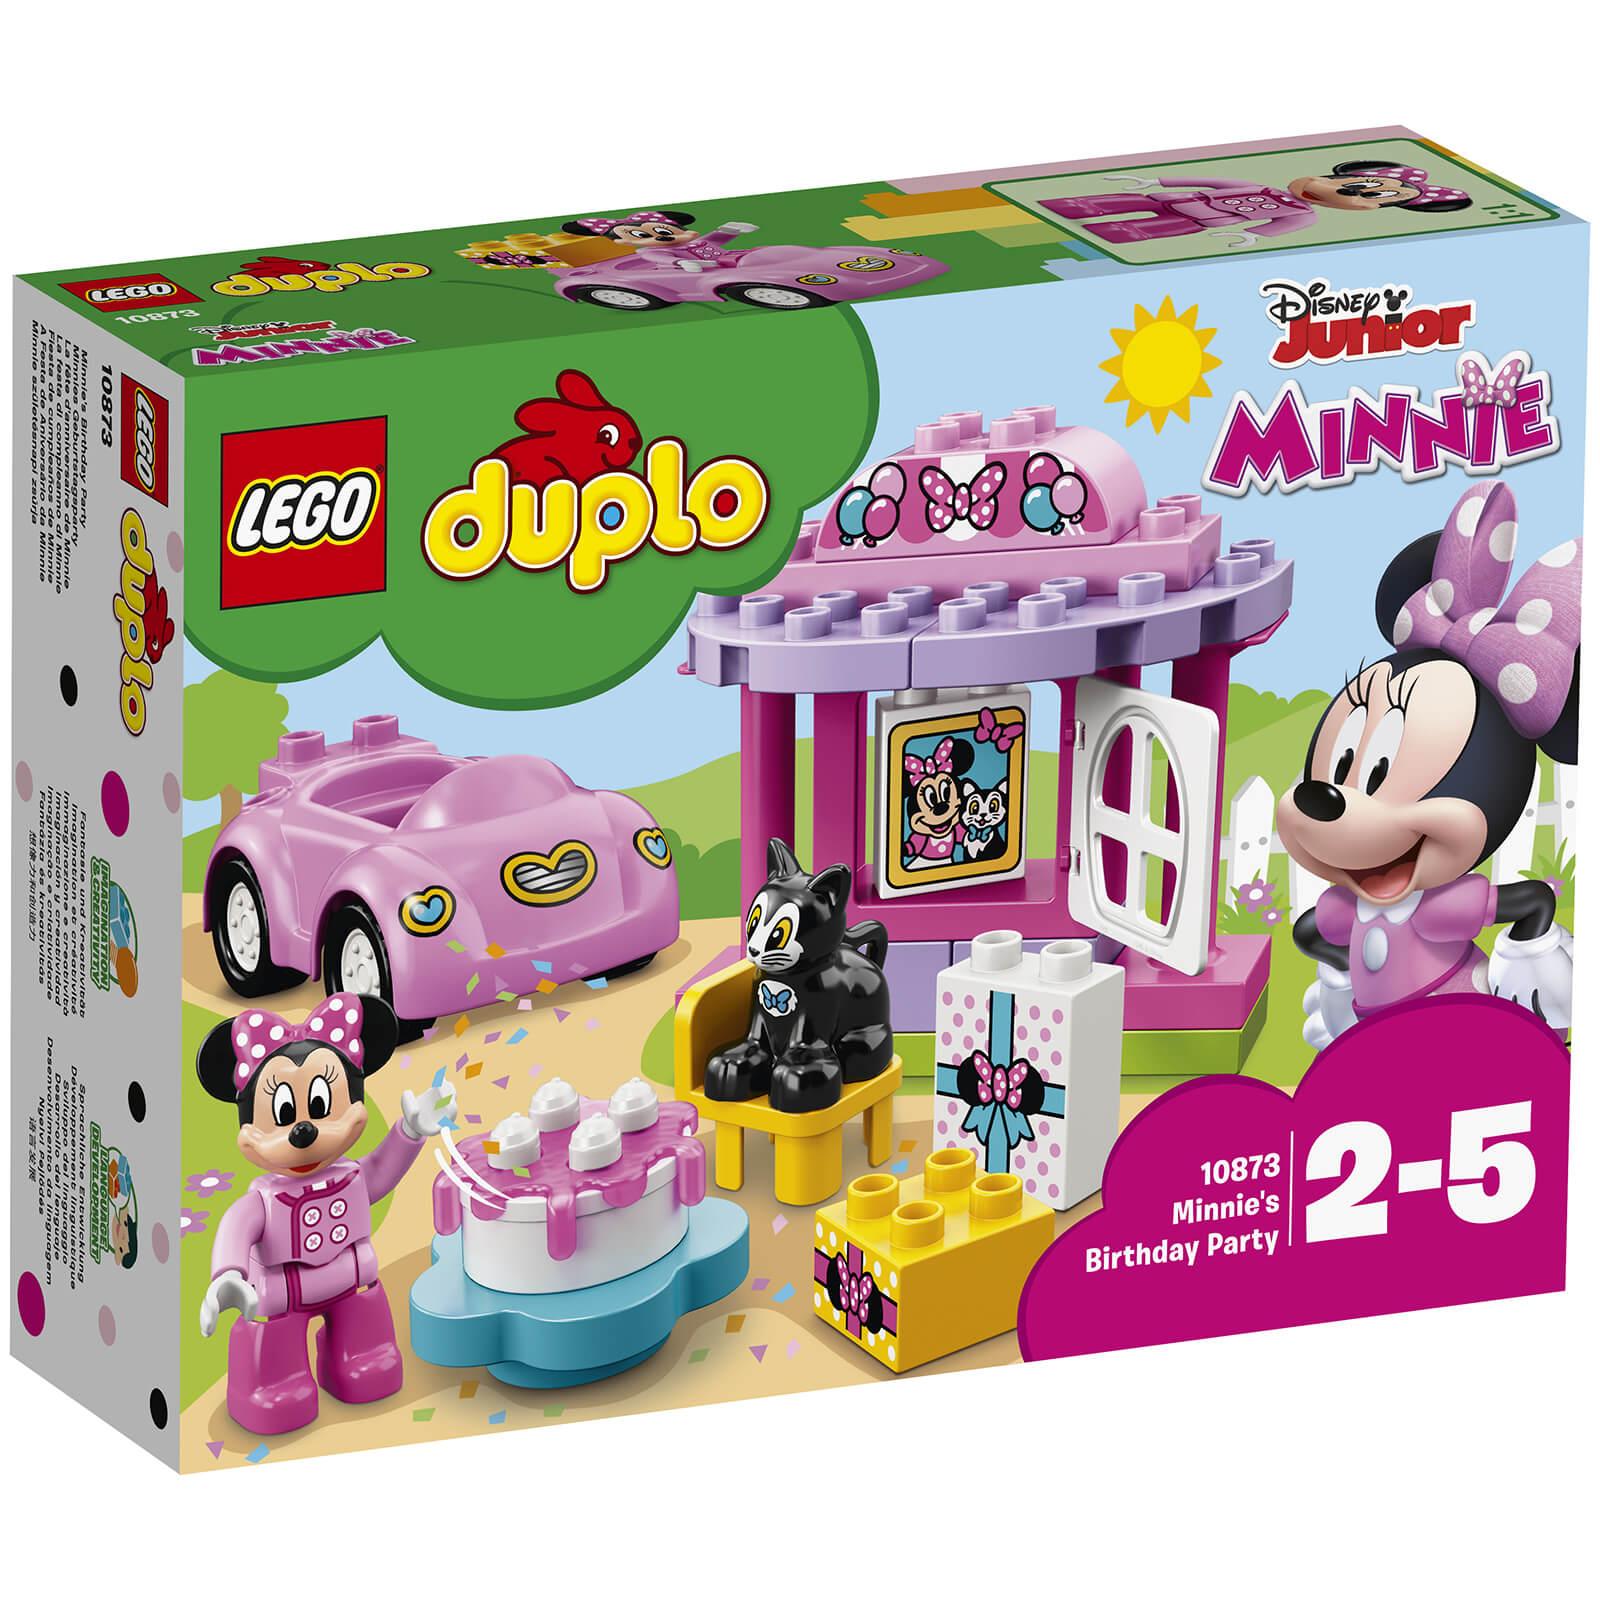 Lego DUPLO Disney: Minnie's Birthday Party (10873)